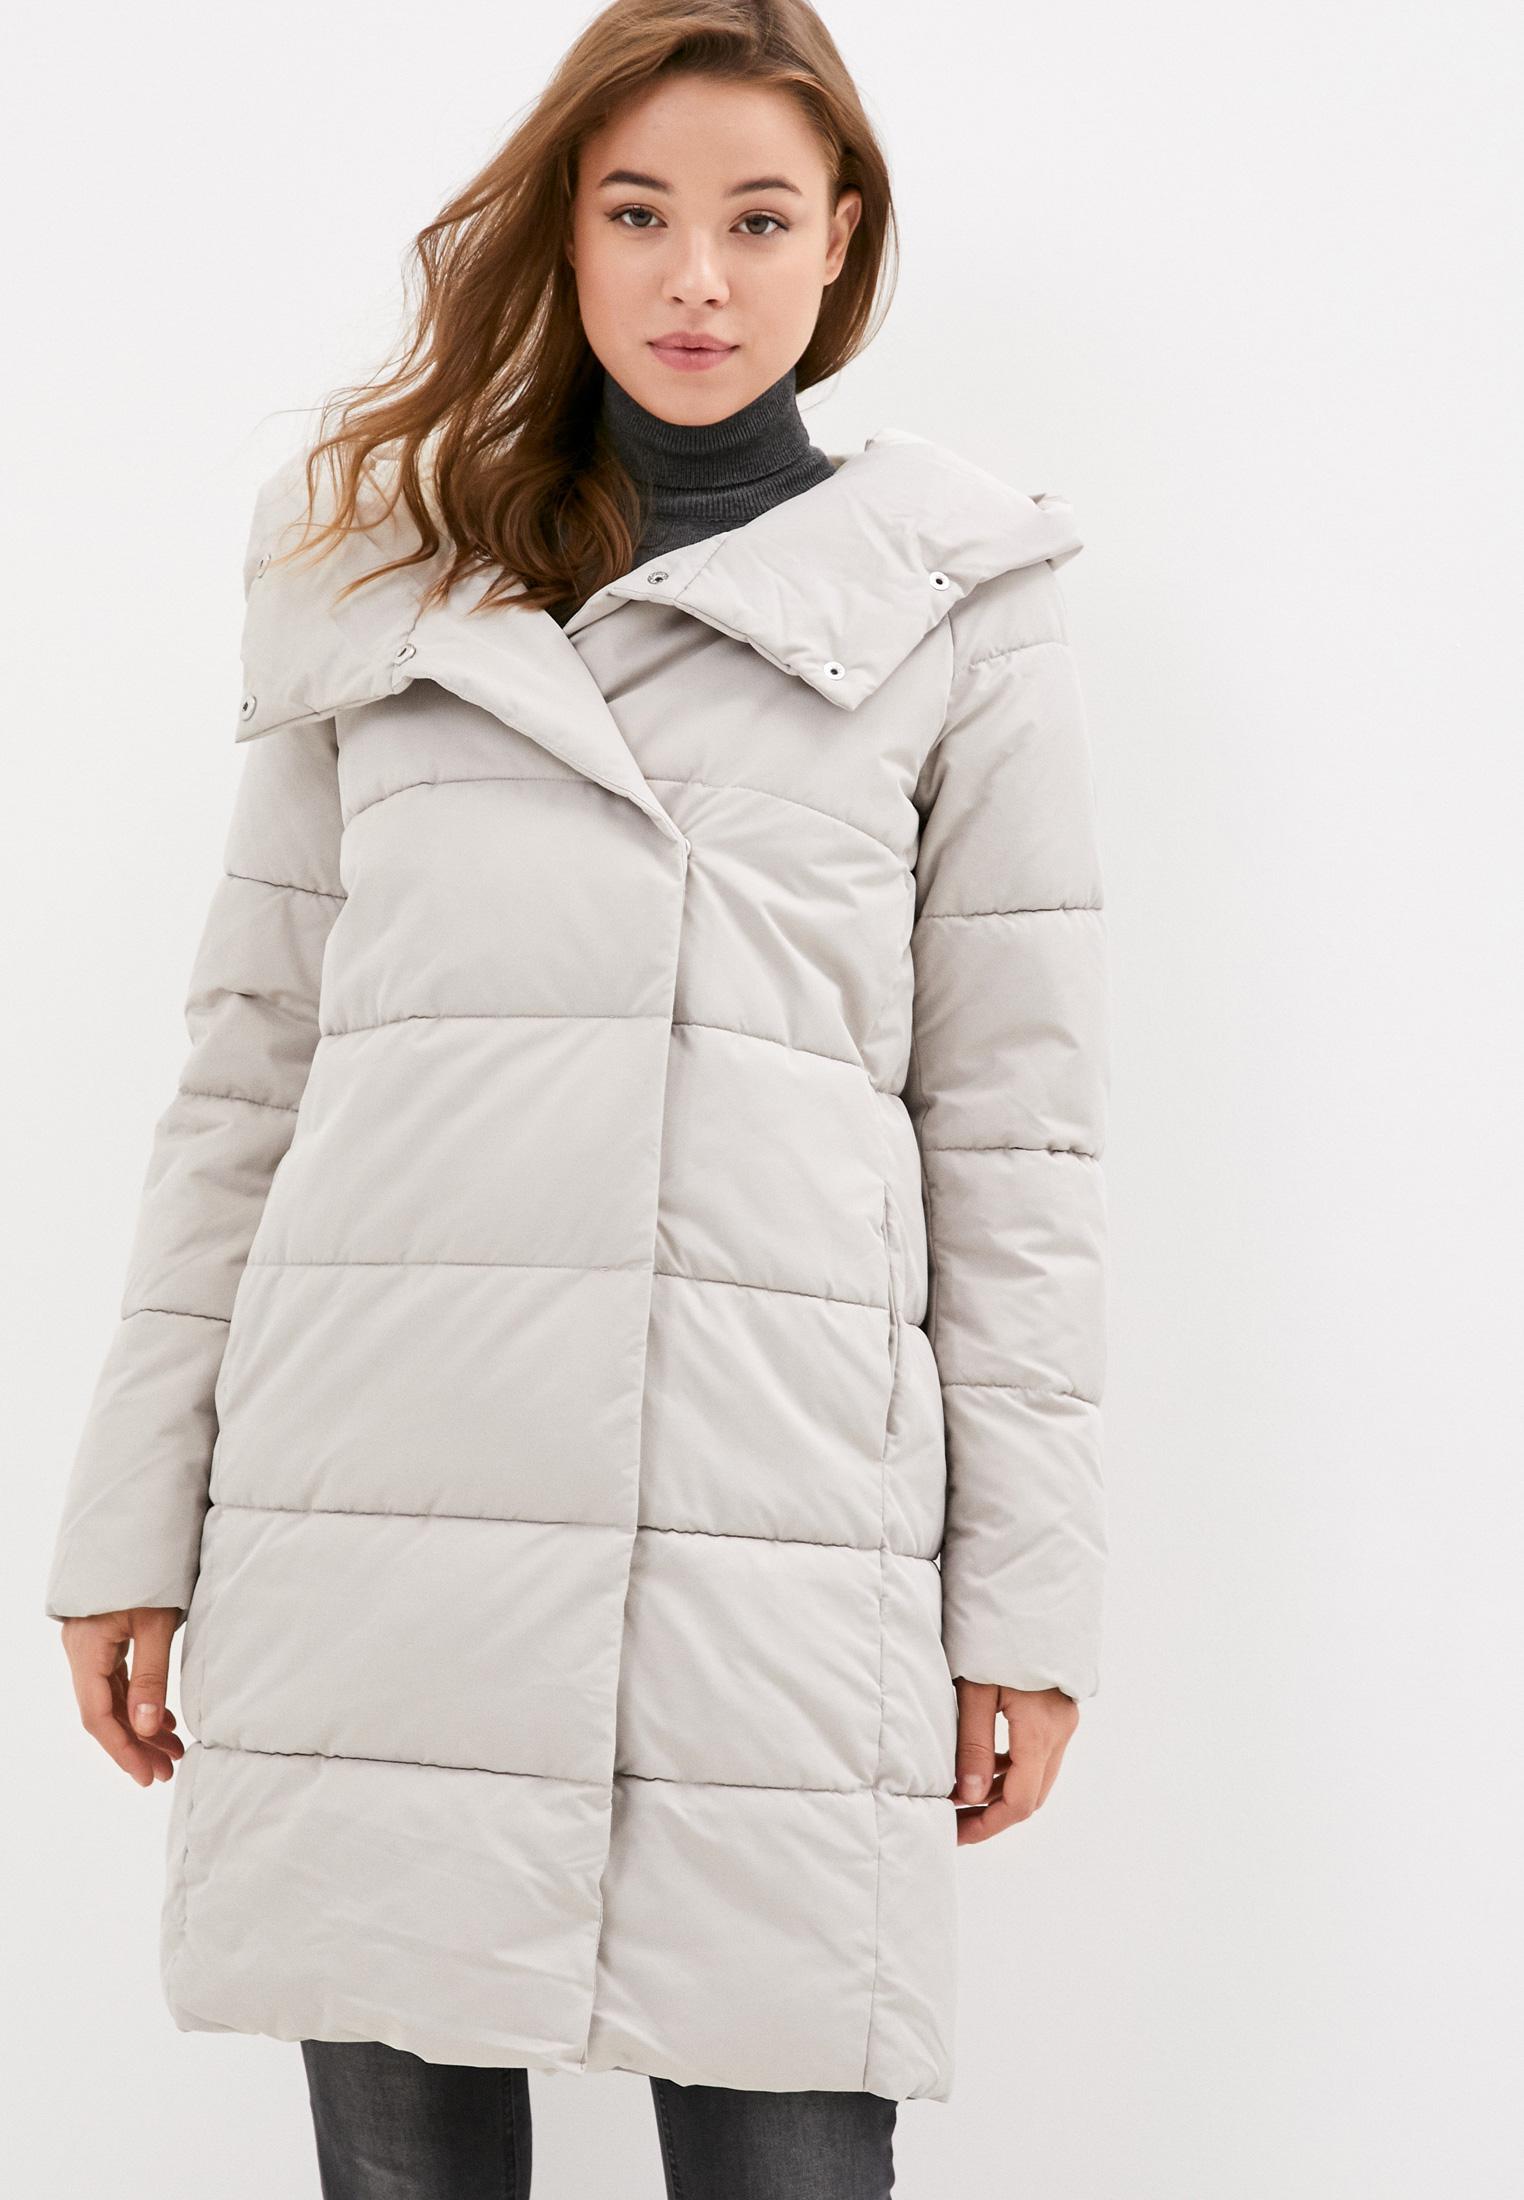 Куртка утепленная Zolla купить за 3 999 ₽ в интернет-магазине Lamoda.ru